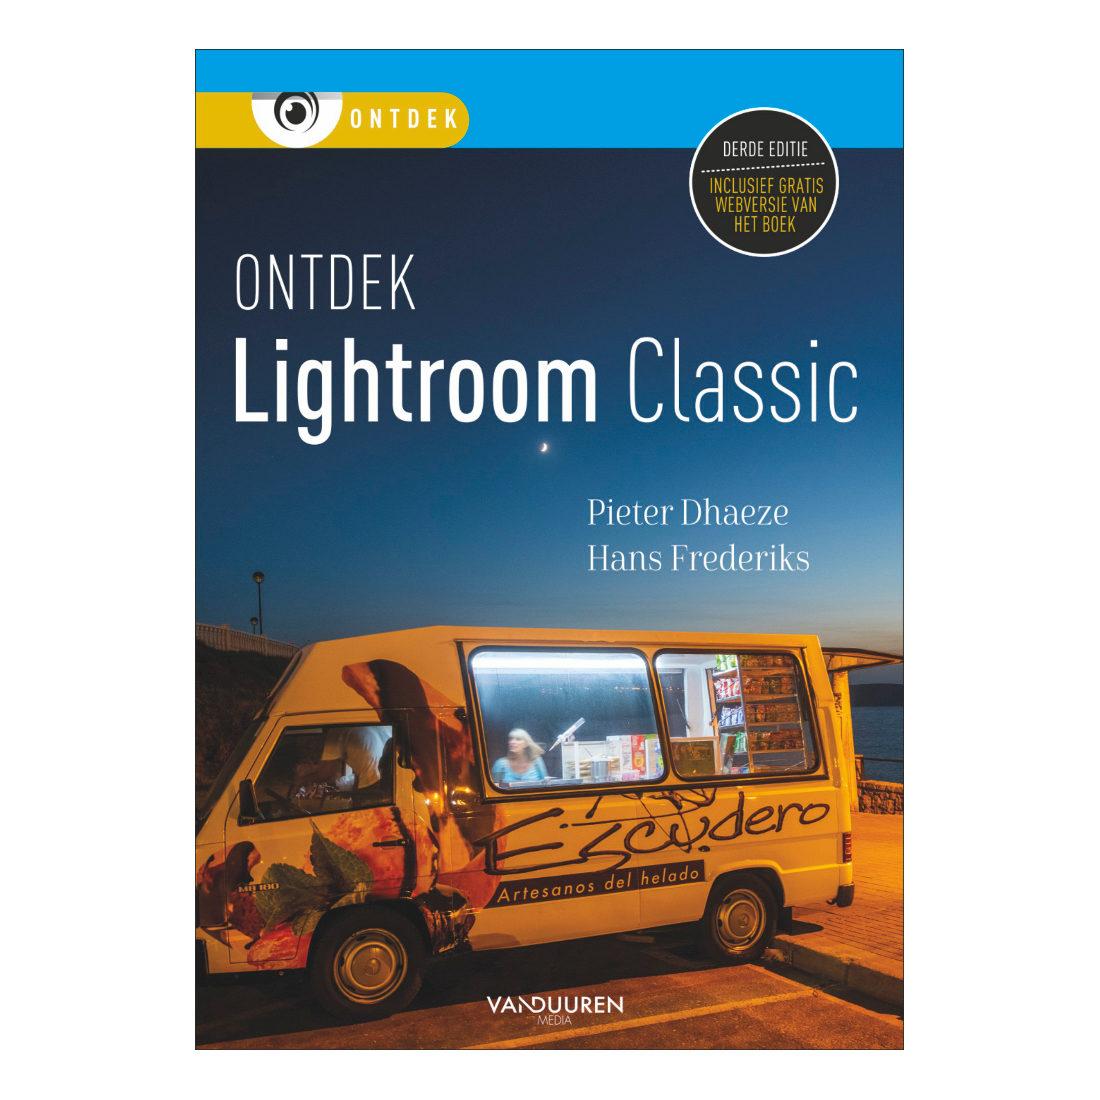 Ontdek Lightroom Classic, 3e editie - Pieter Dhaeze en Hans Frederiks